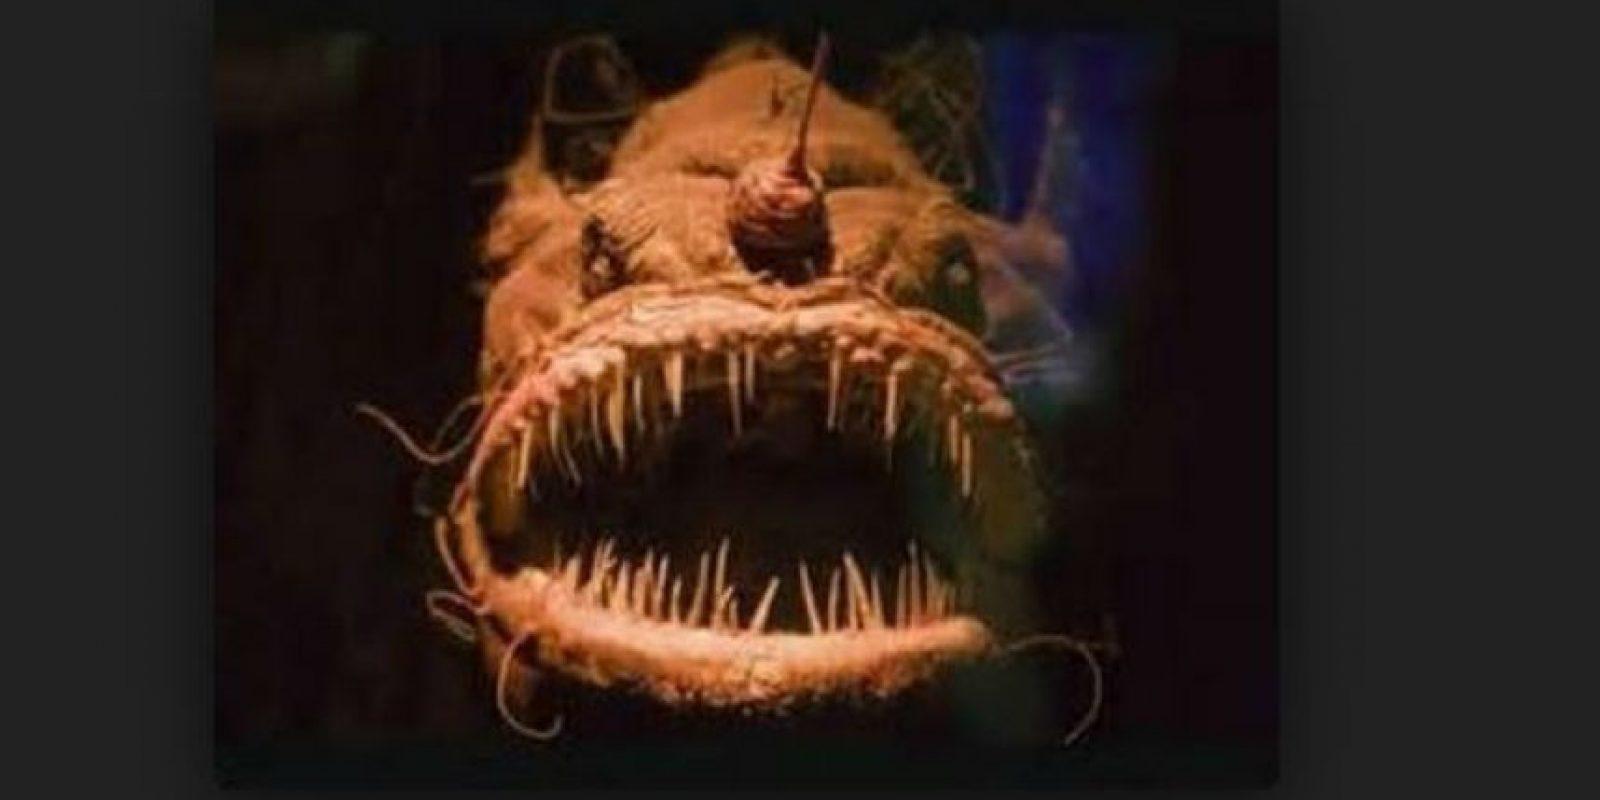 En el lugar habitan distintas especies desconocidas. Foto:Youtube.com